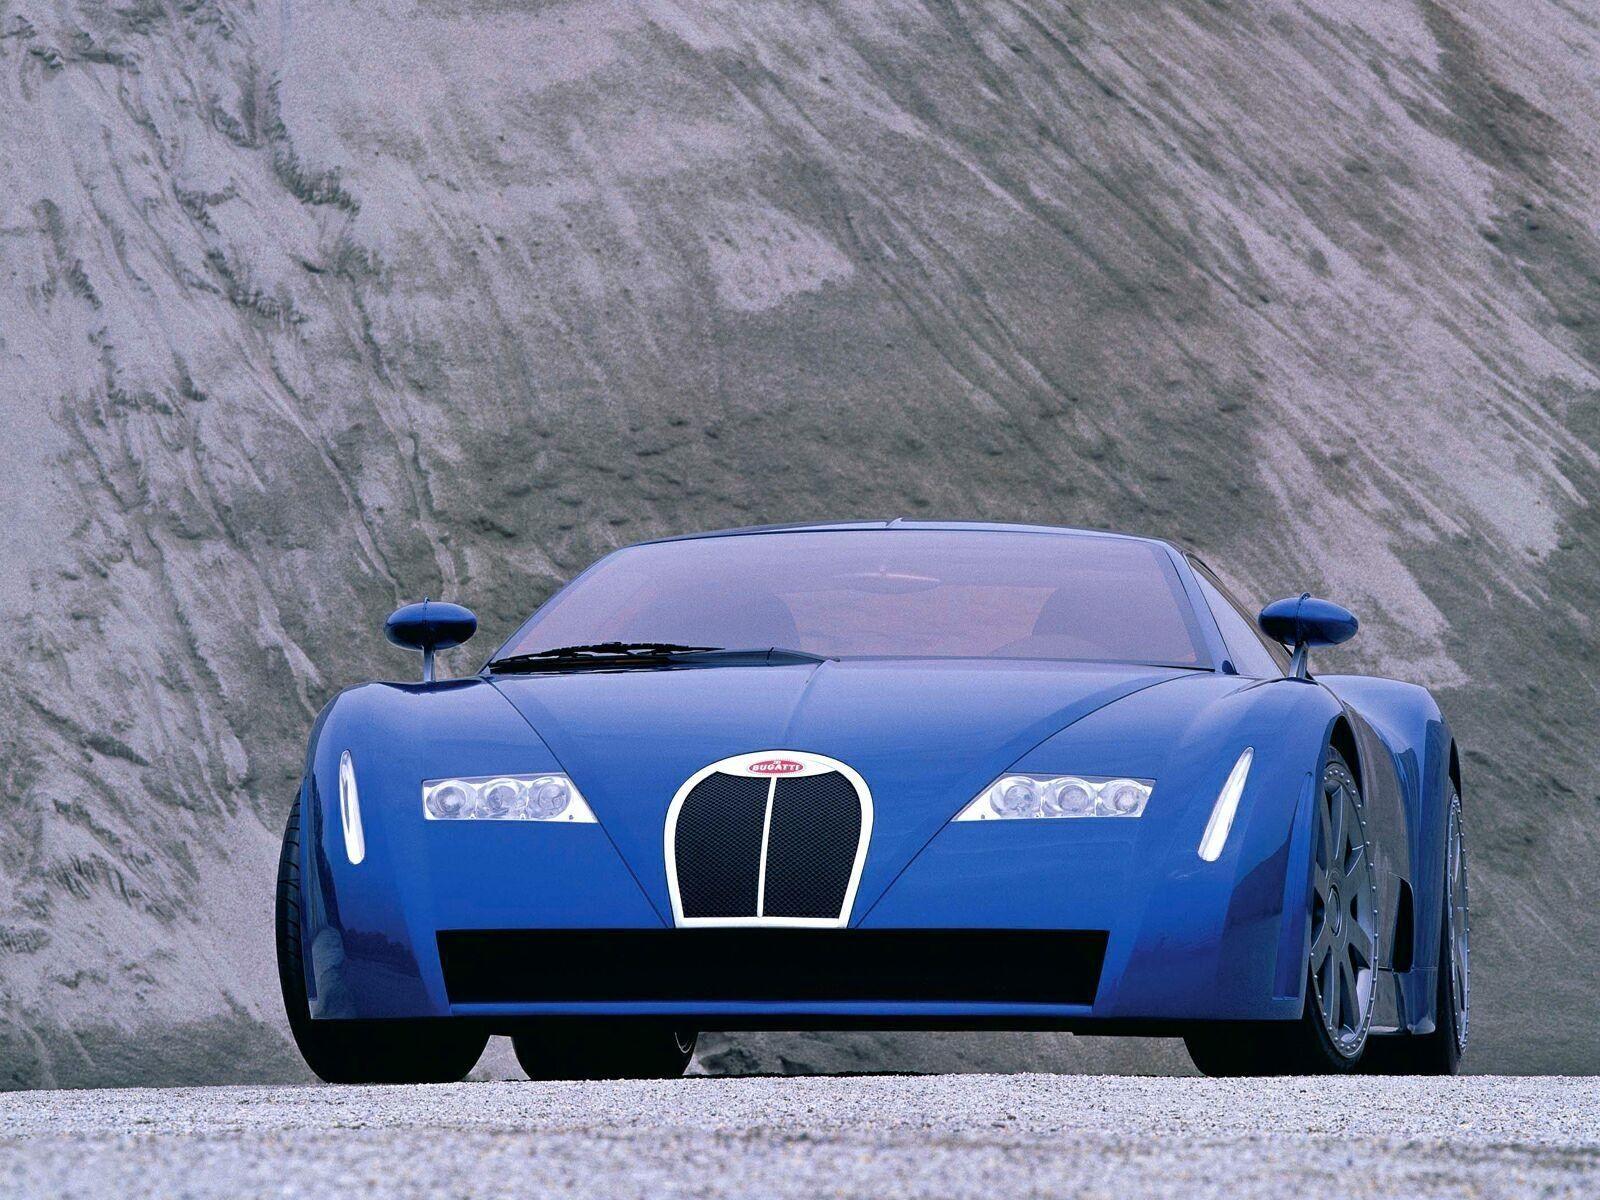 Bugatti chiron ololoshka pinterest